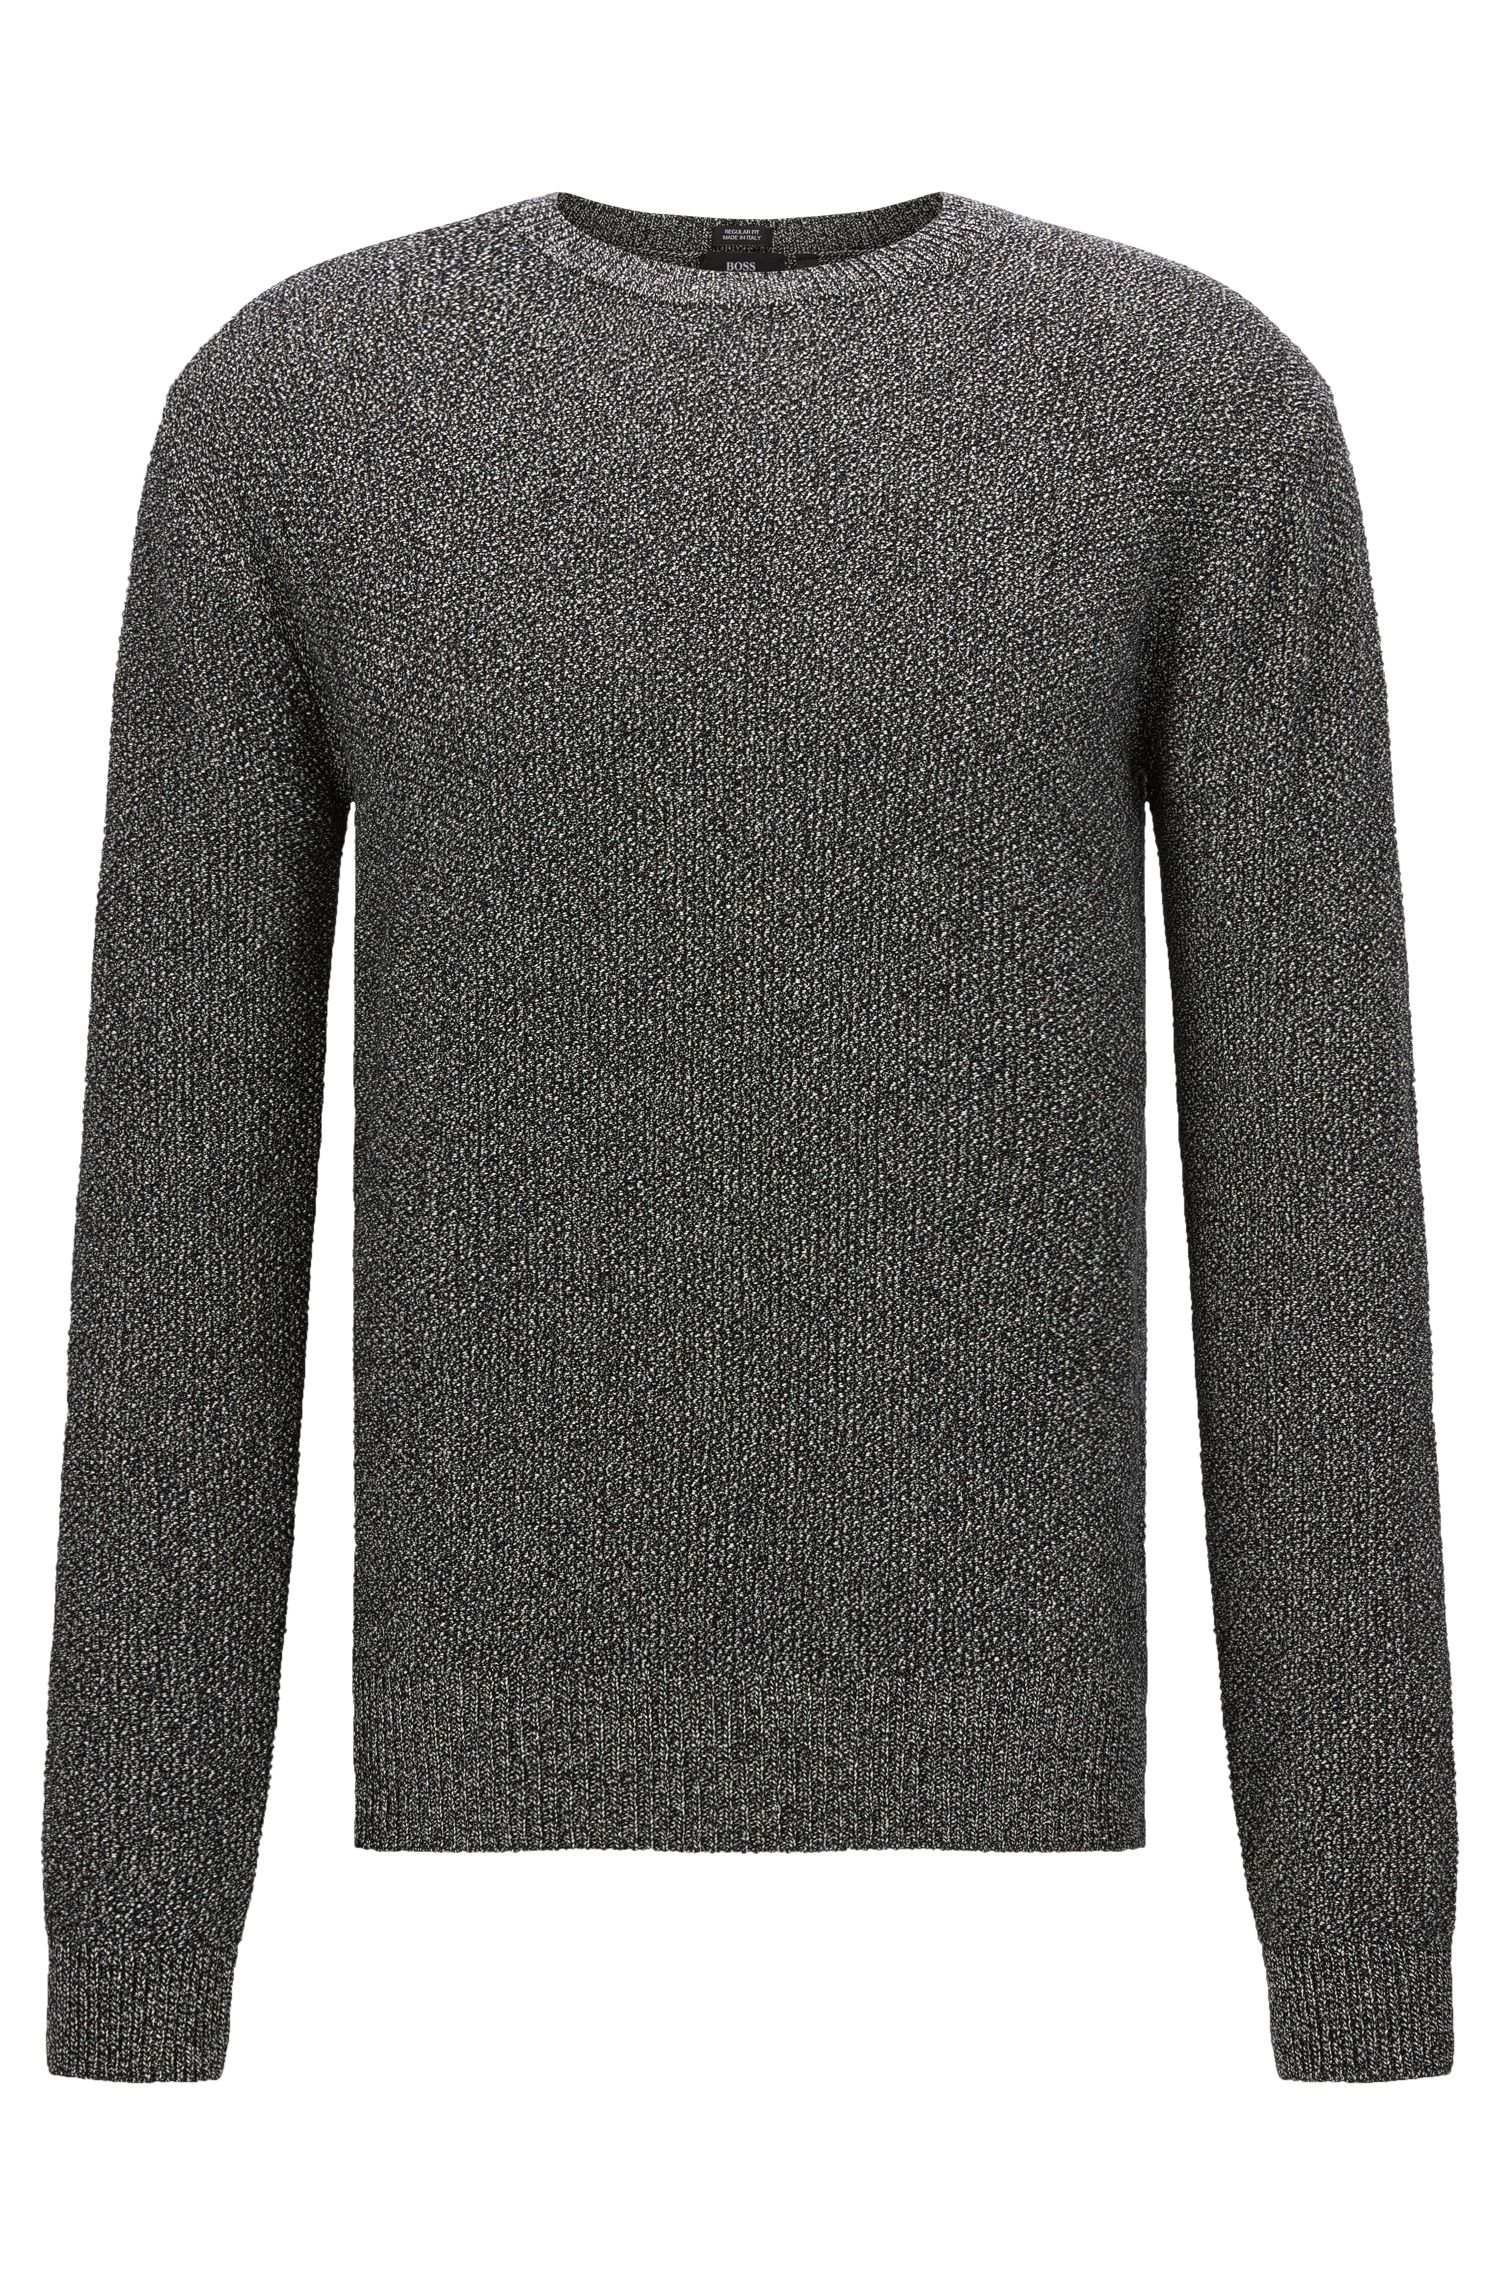 Jersey jaspeado regular fit en algodón: 'Orsino'